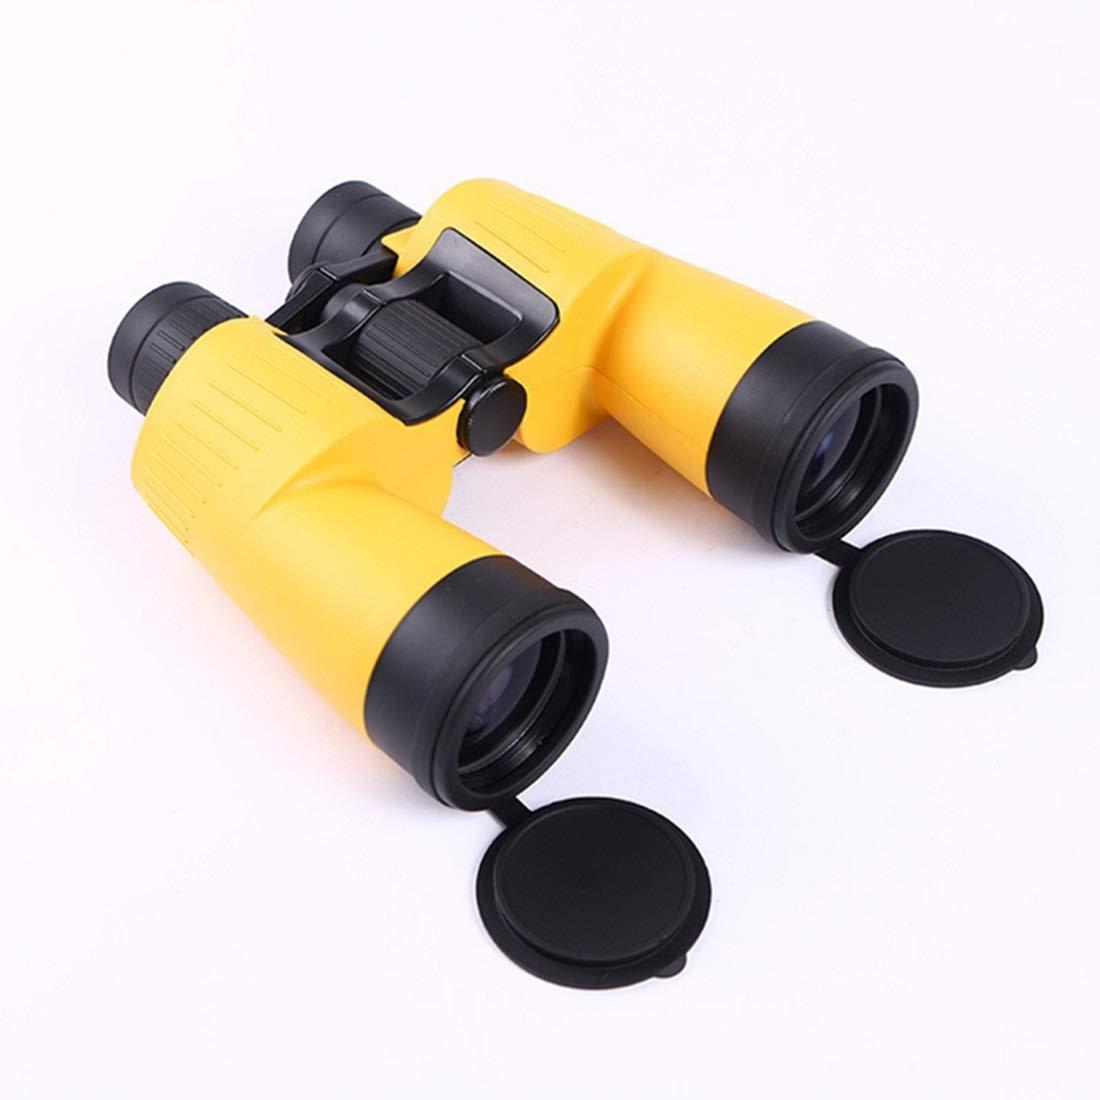 経典ブランド KRPENRIO 双眼鏡 10倍 安定した画像 FMC フルコーティング 防水デザイン Bak4 プリズム  イエロー B07L5CZLCL, 業務用卸問屋 カズサヤ 11d4bb9c